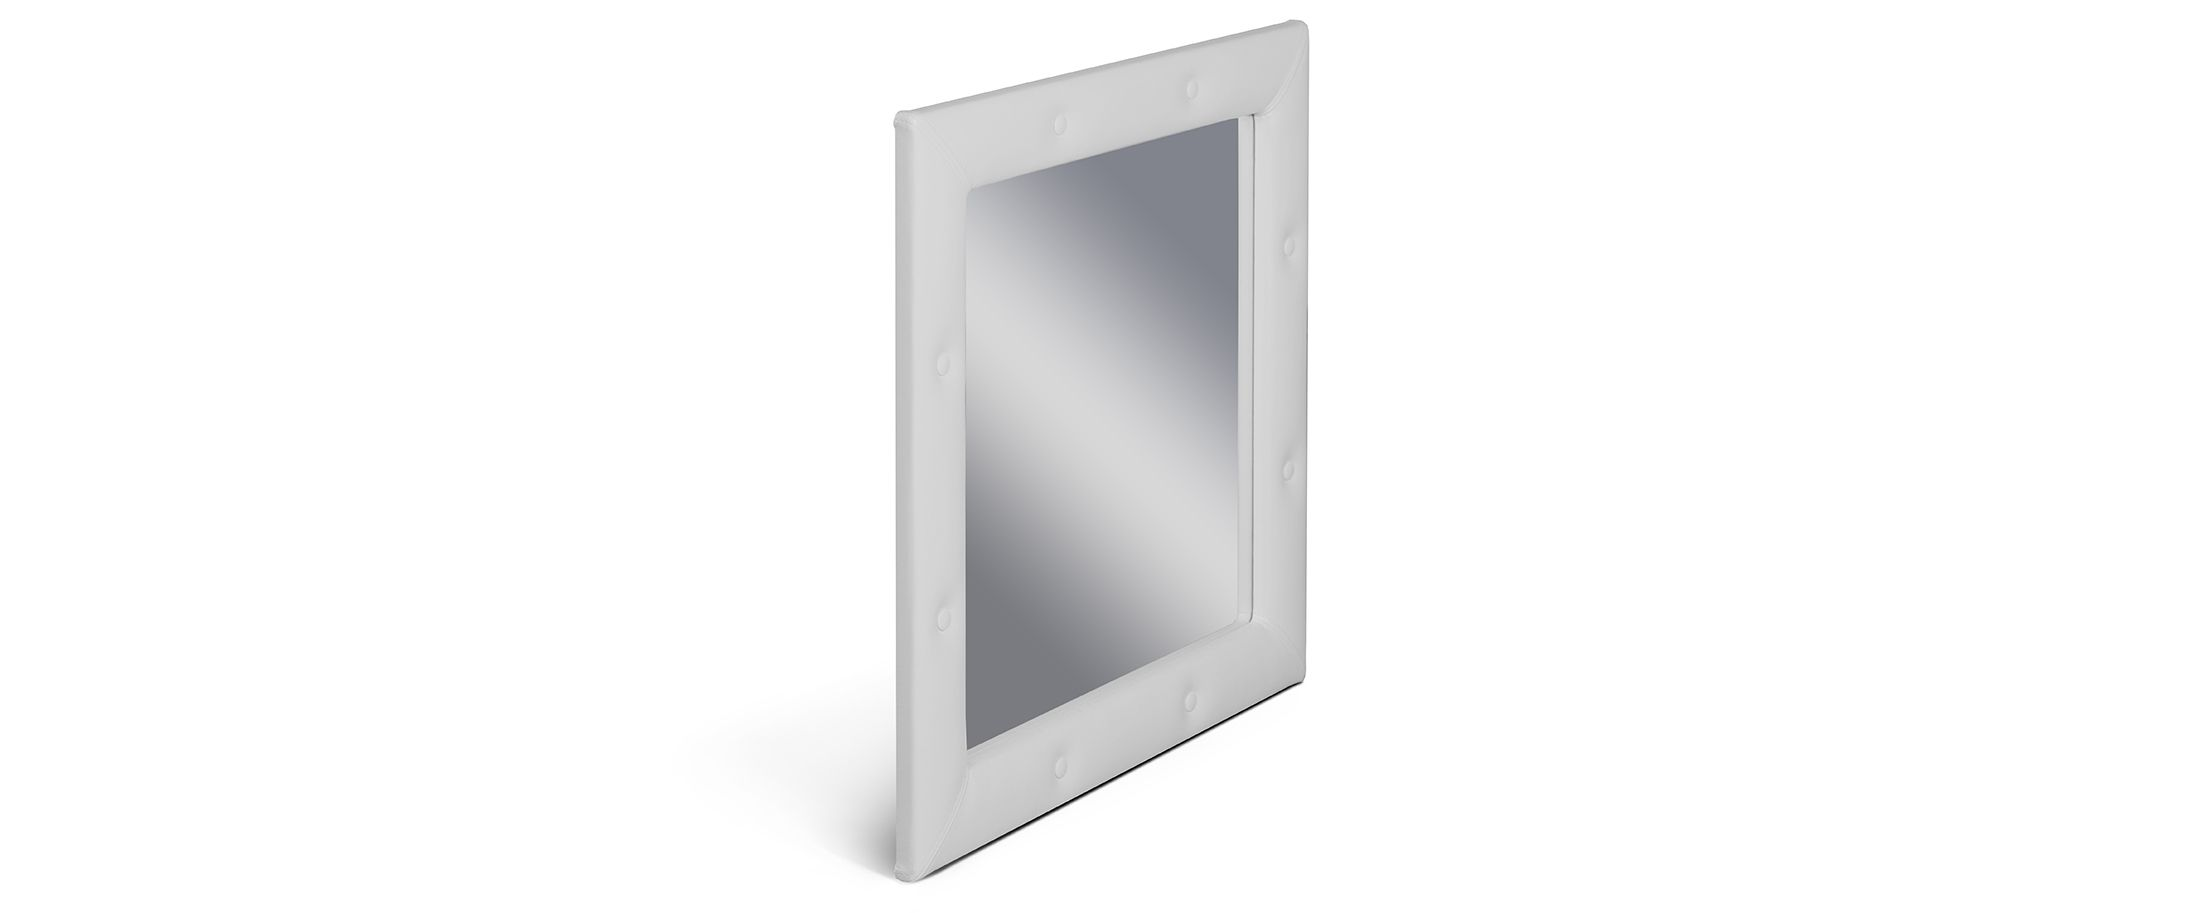 Зеркало Кааба молокоЗеркало навесное в спальню. Обивка из экокожи с декоративными пуговицами. Артикул: К000444<br>